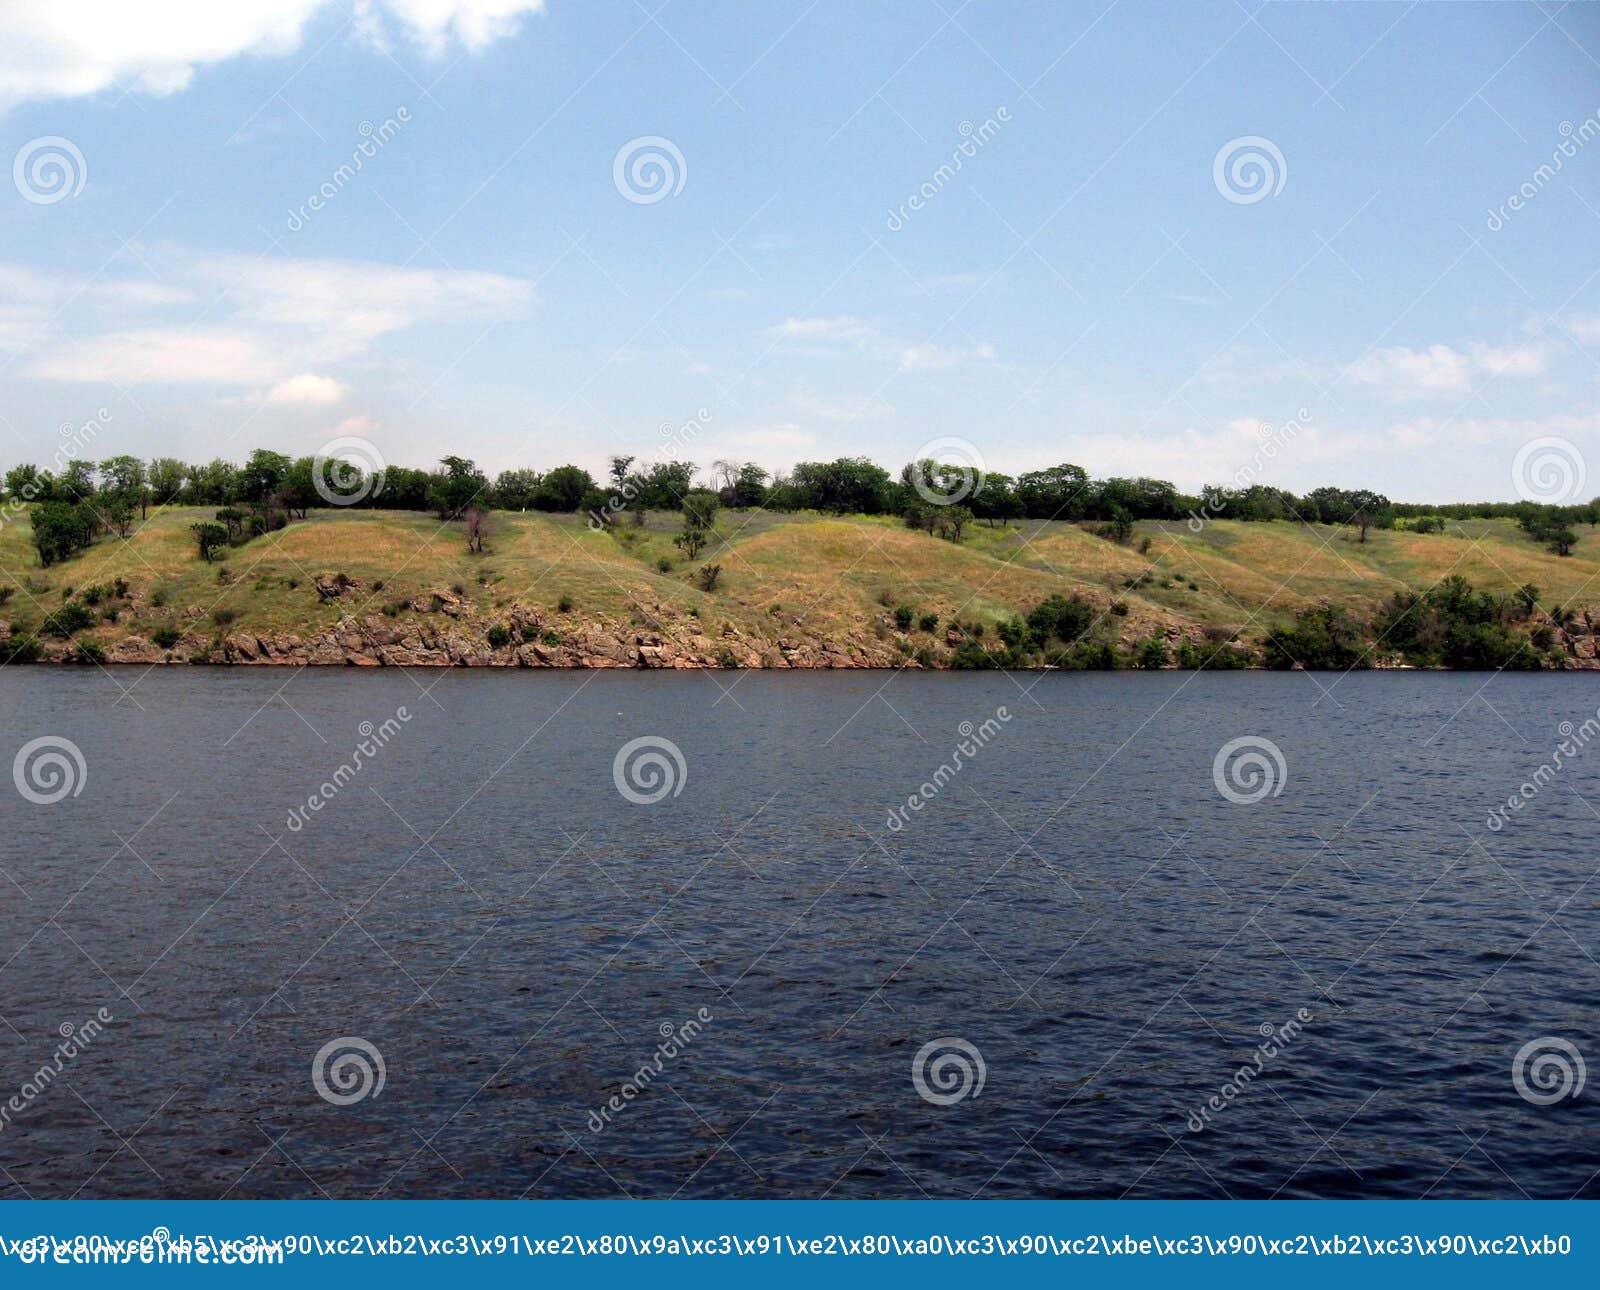 德聂伯级河 乌克兰